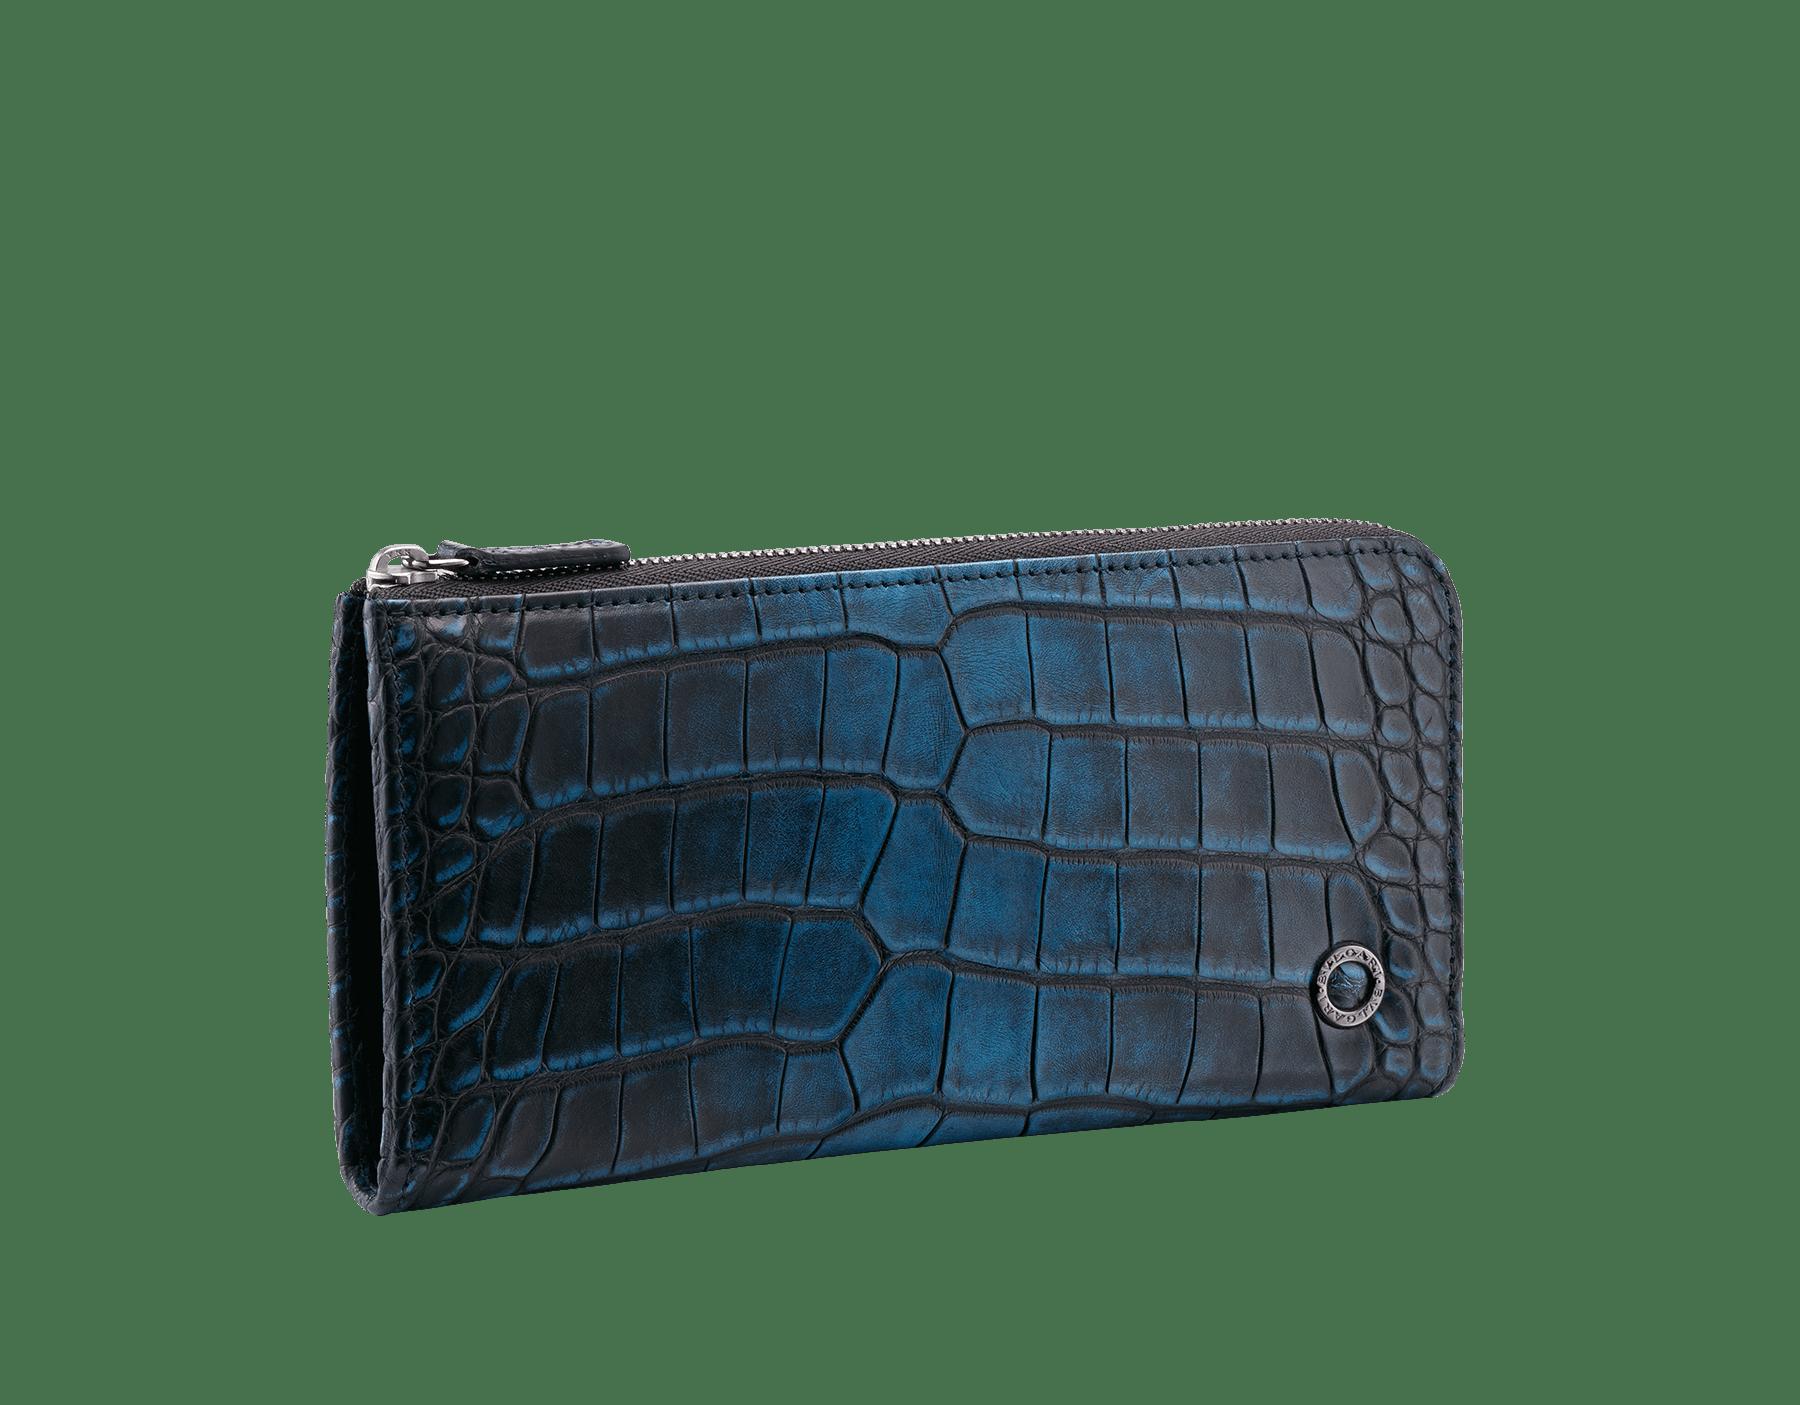 Portefeuille à fermeture éclair en L en alligator bleu nuit et cuir de veau lisse noir avec détails en laiton plaqué ruthénium foncé ornés du motif BVLGARI BVLGARI. 38932 image 1